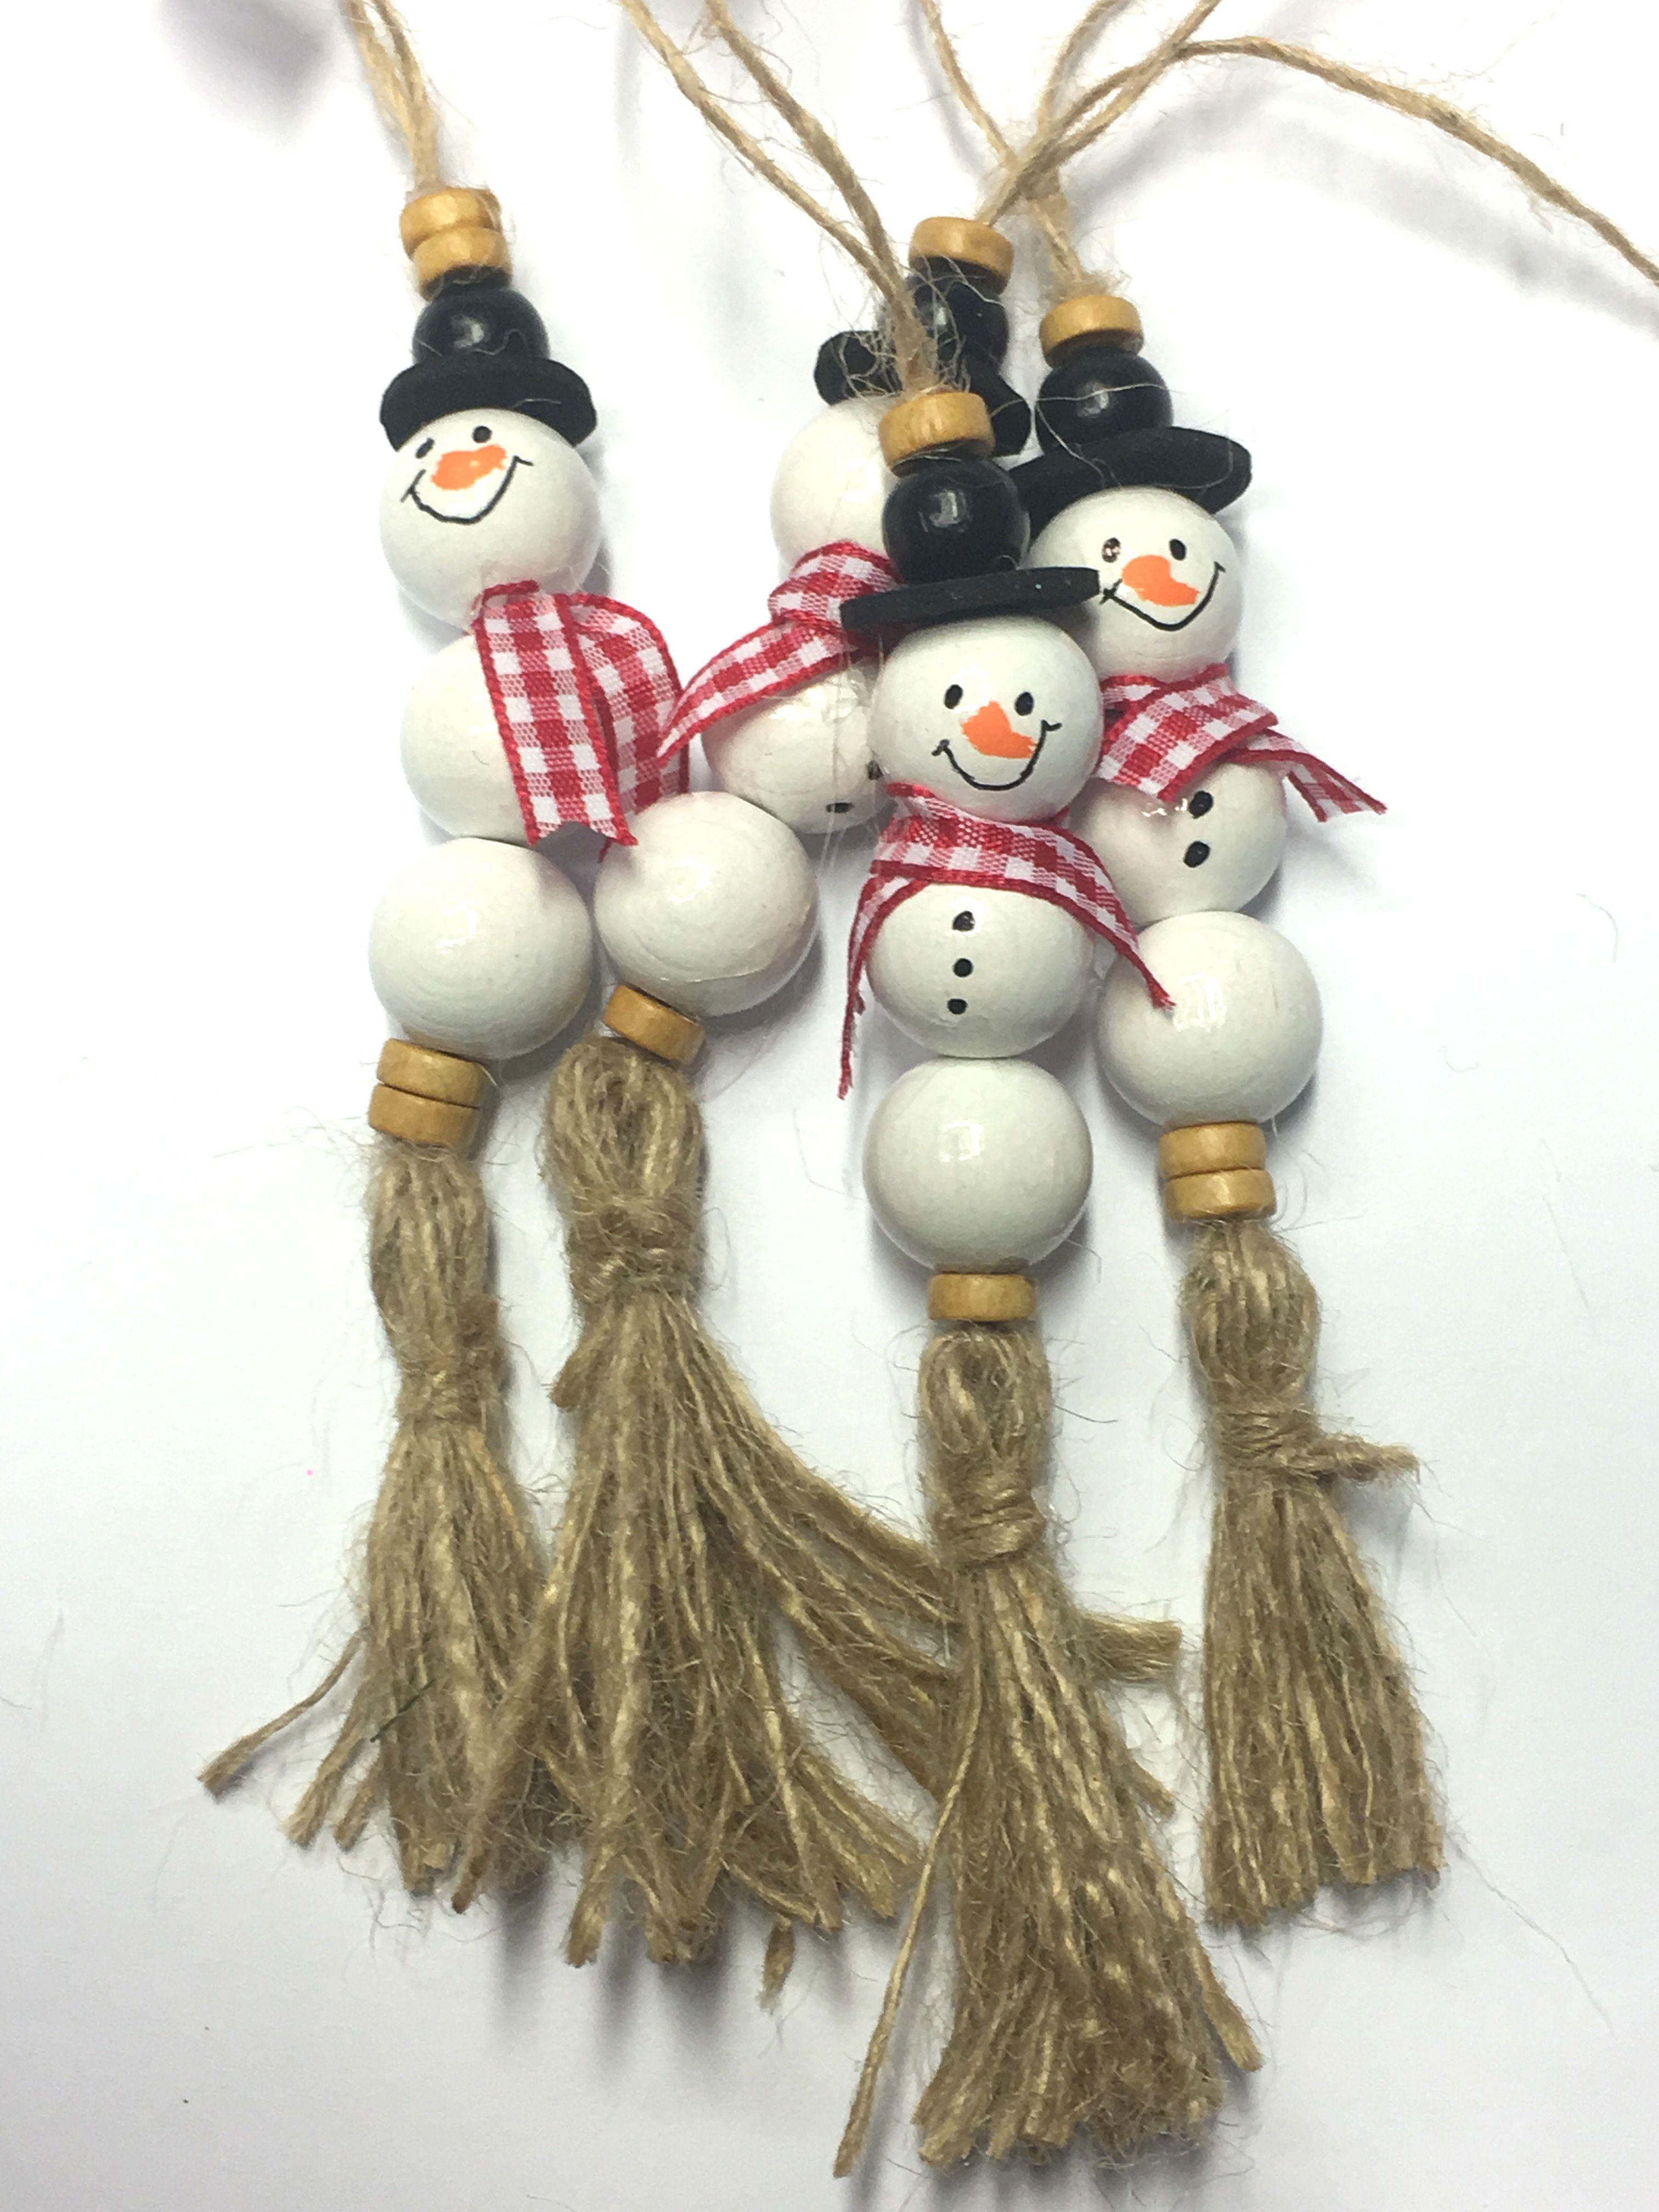 Christbaum Ornament Schneemanner Aus 16mm Holzperlen Und Hanffaden Christmas Ornament Crafts Diy Christmas Ornaments Christmas Crafts